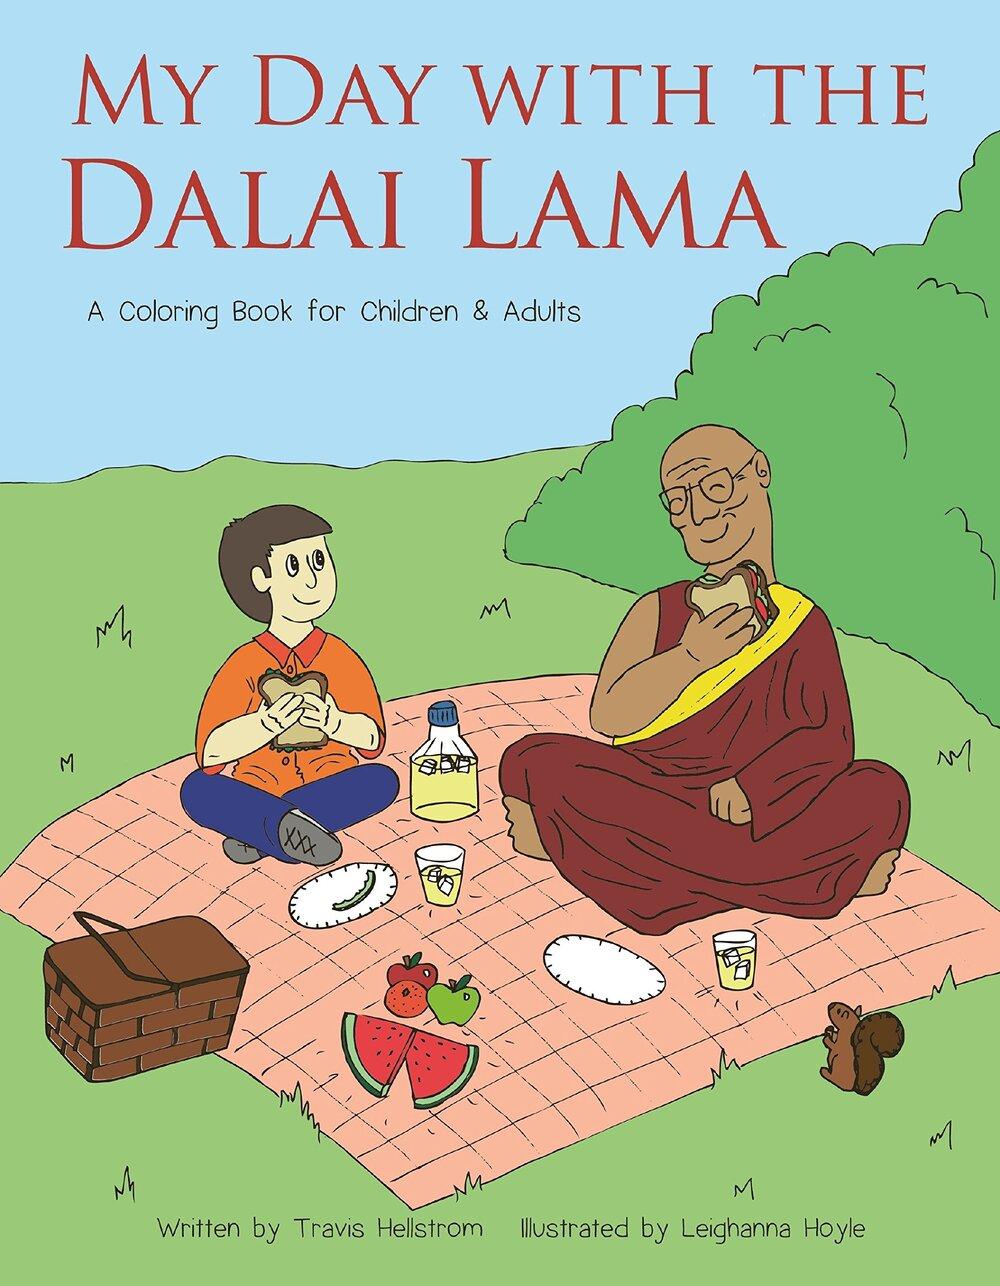 DalaiLama_COVmech_112916proof copy.png